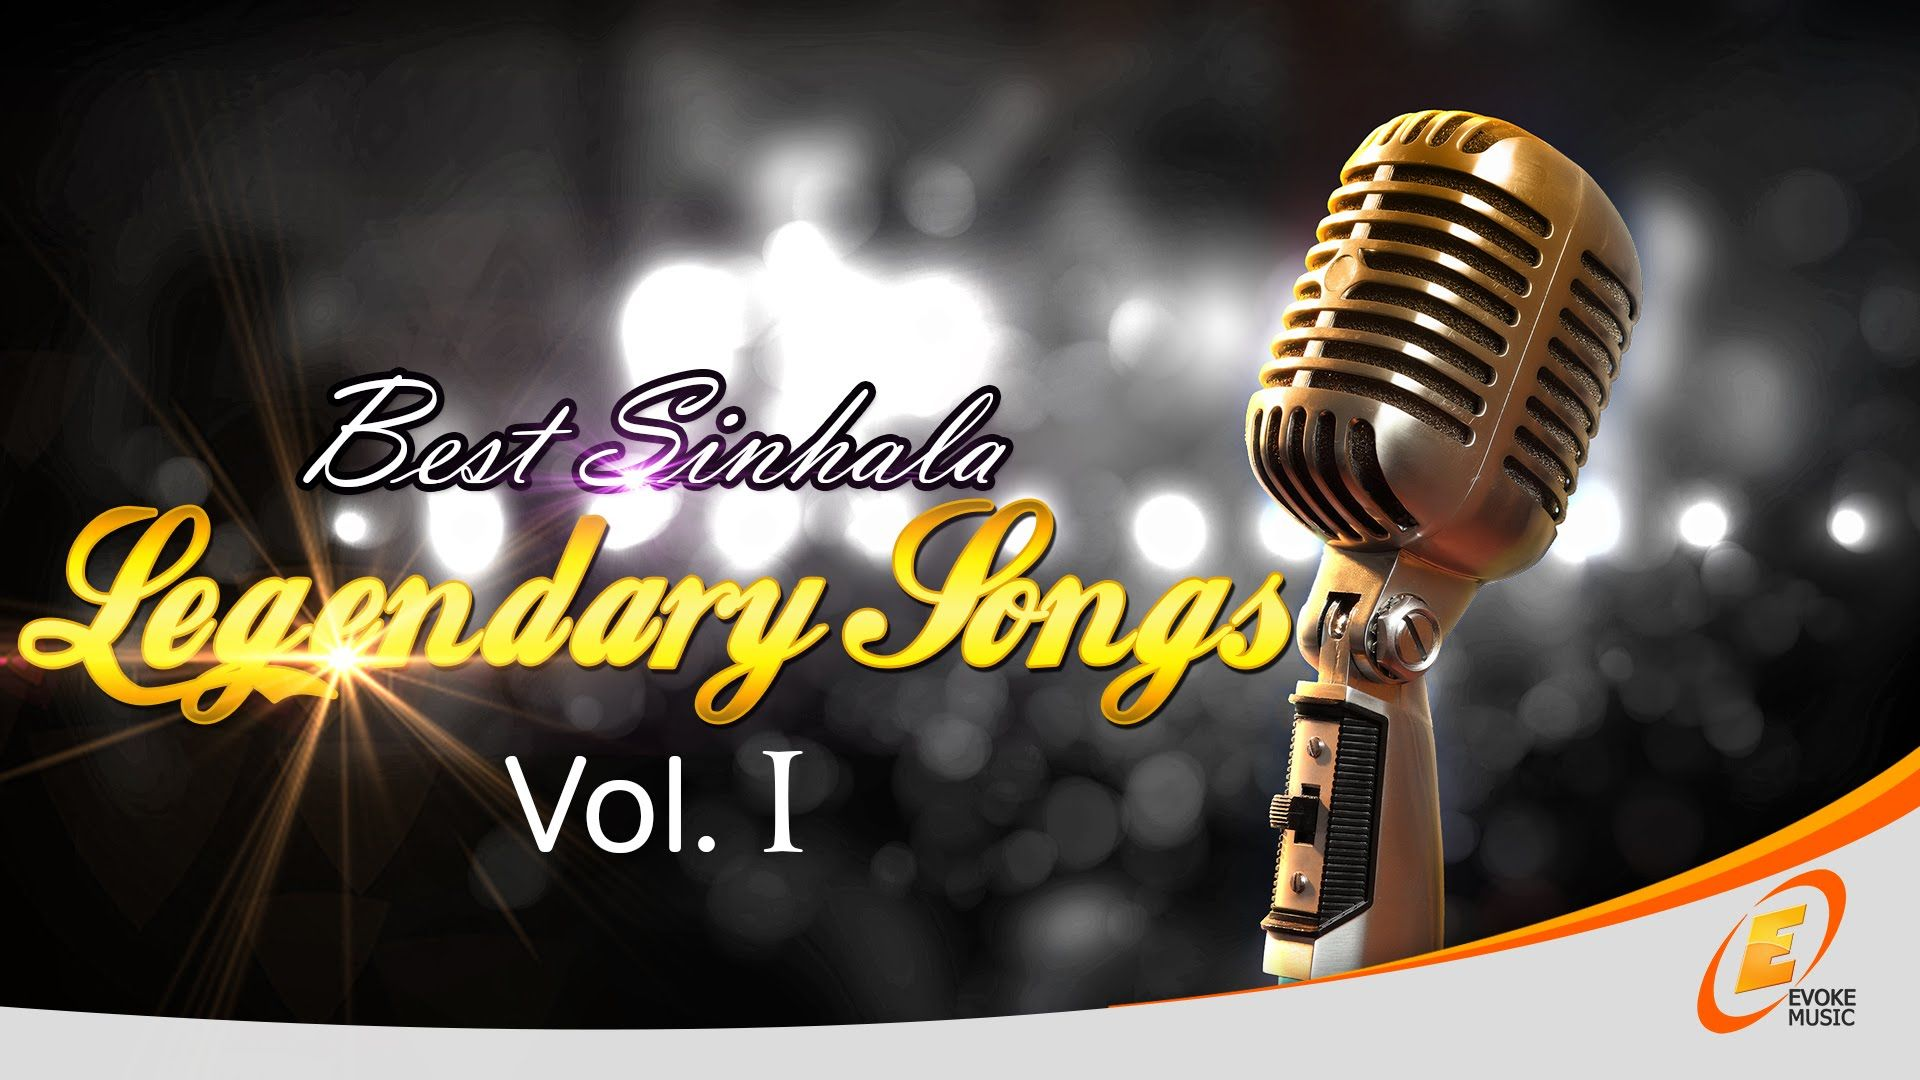 Best Sinhala Legendary Songs Vol 1 Jukebox Jukebox Songs Best